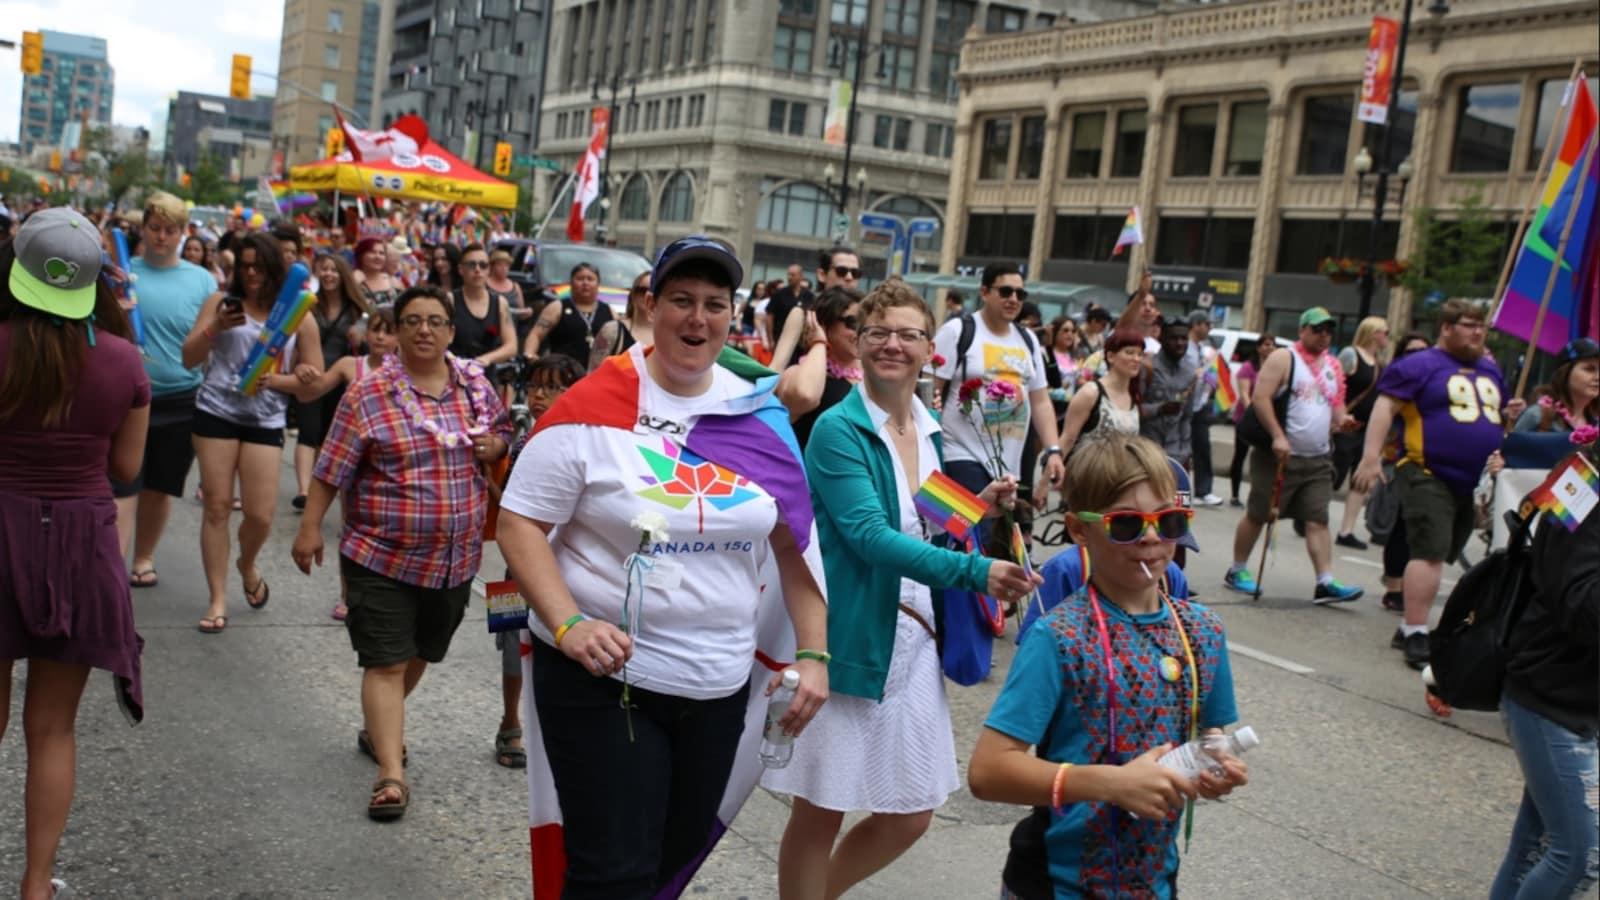 Des milliers de personnes ont pris part au 30e défilé de la fierté à Winnipeg dimanche.